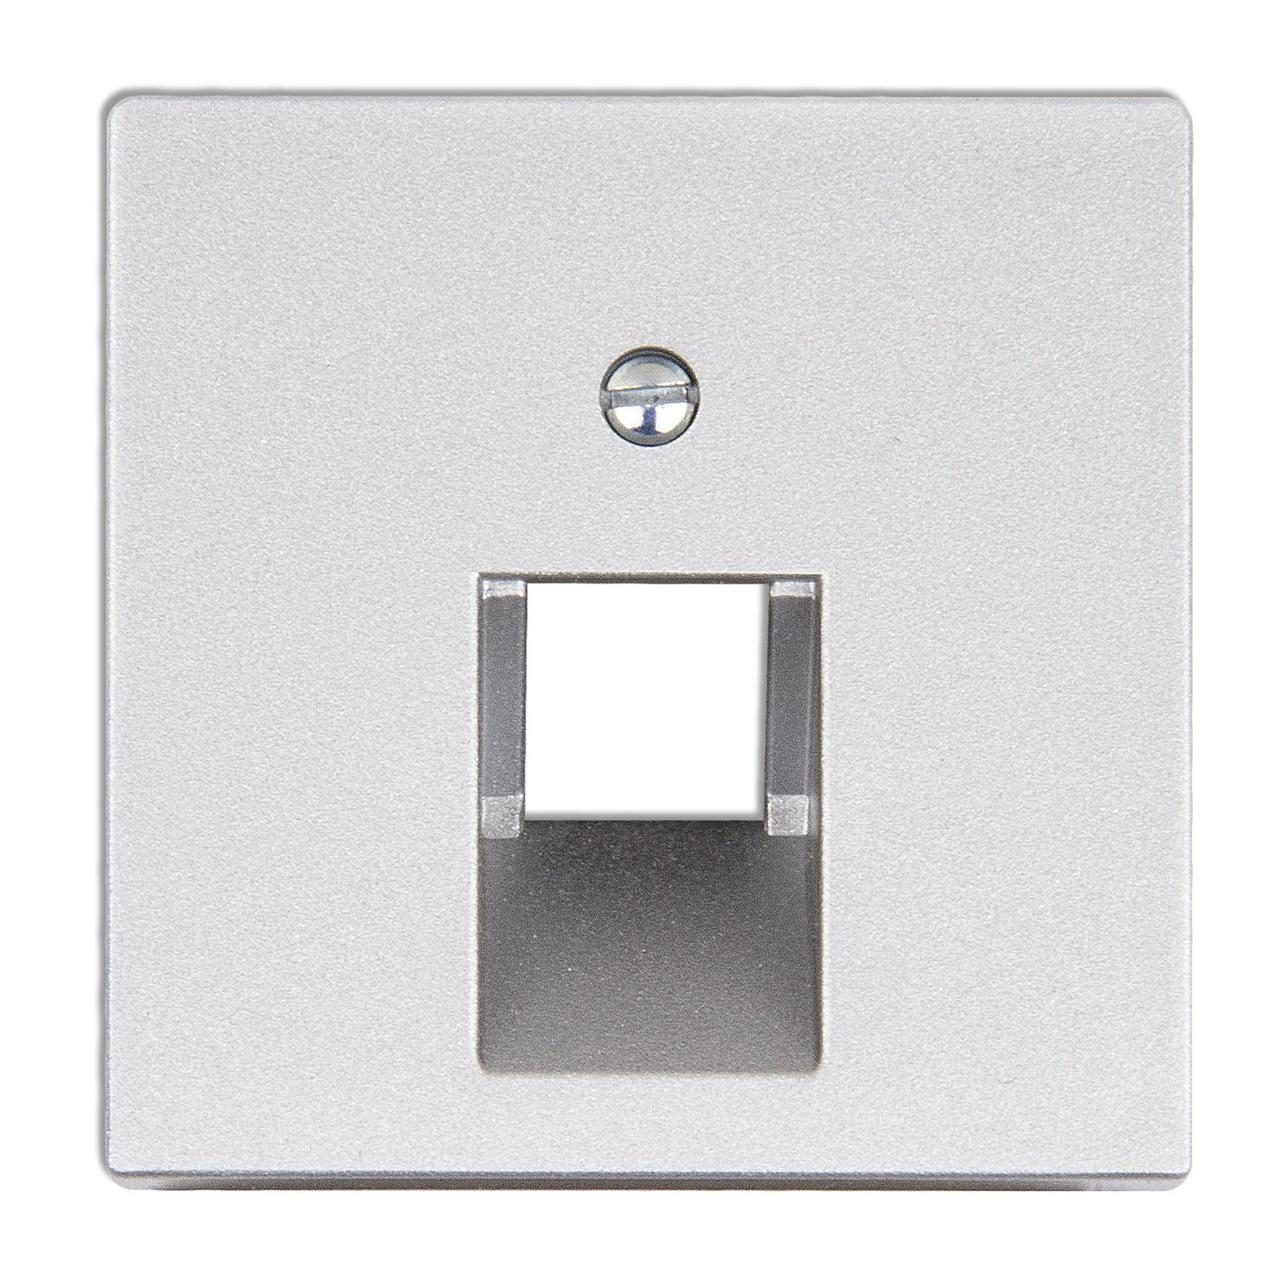 Крышка для одинарной телефонной или компьютерной розетки (алюминий)